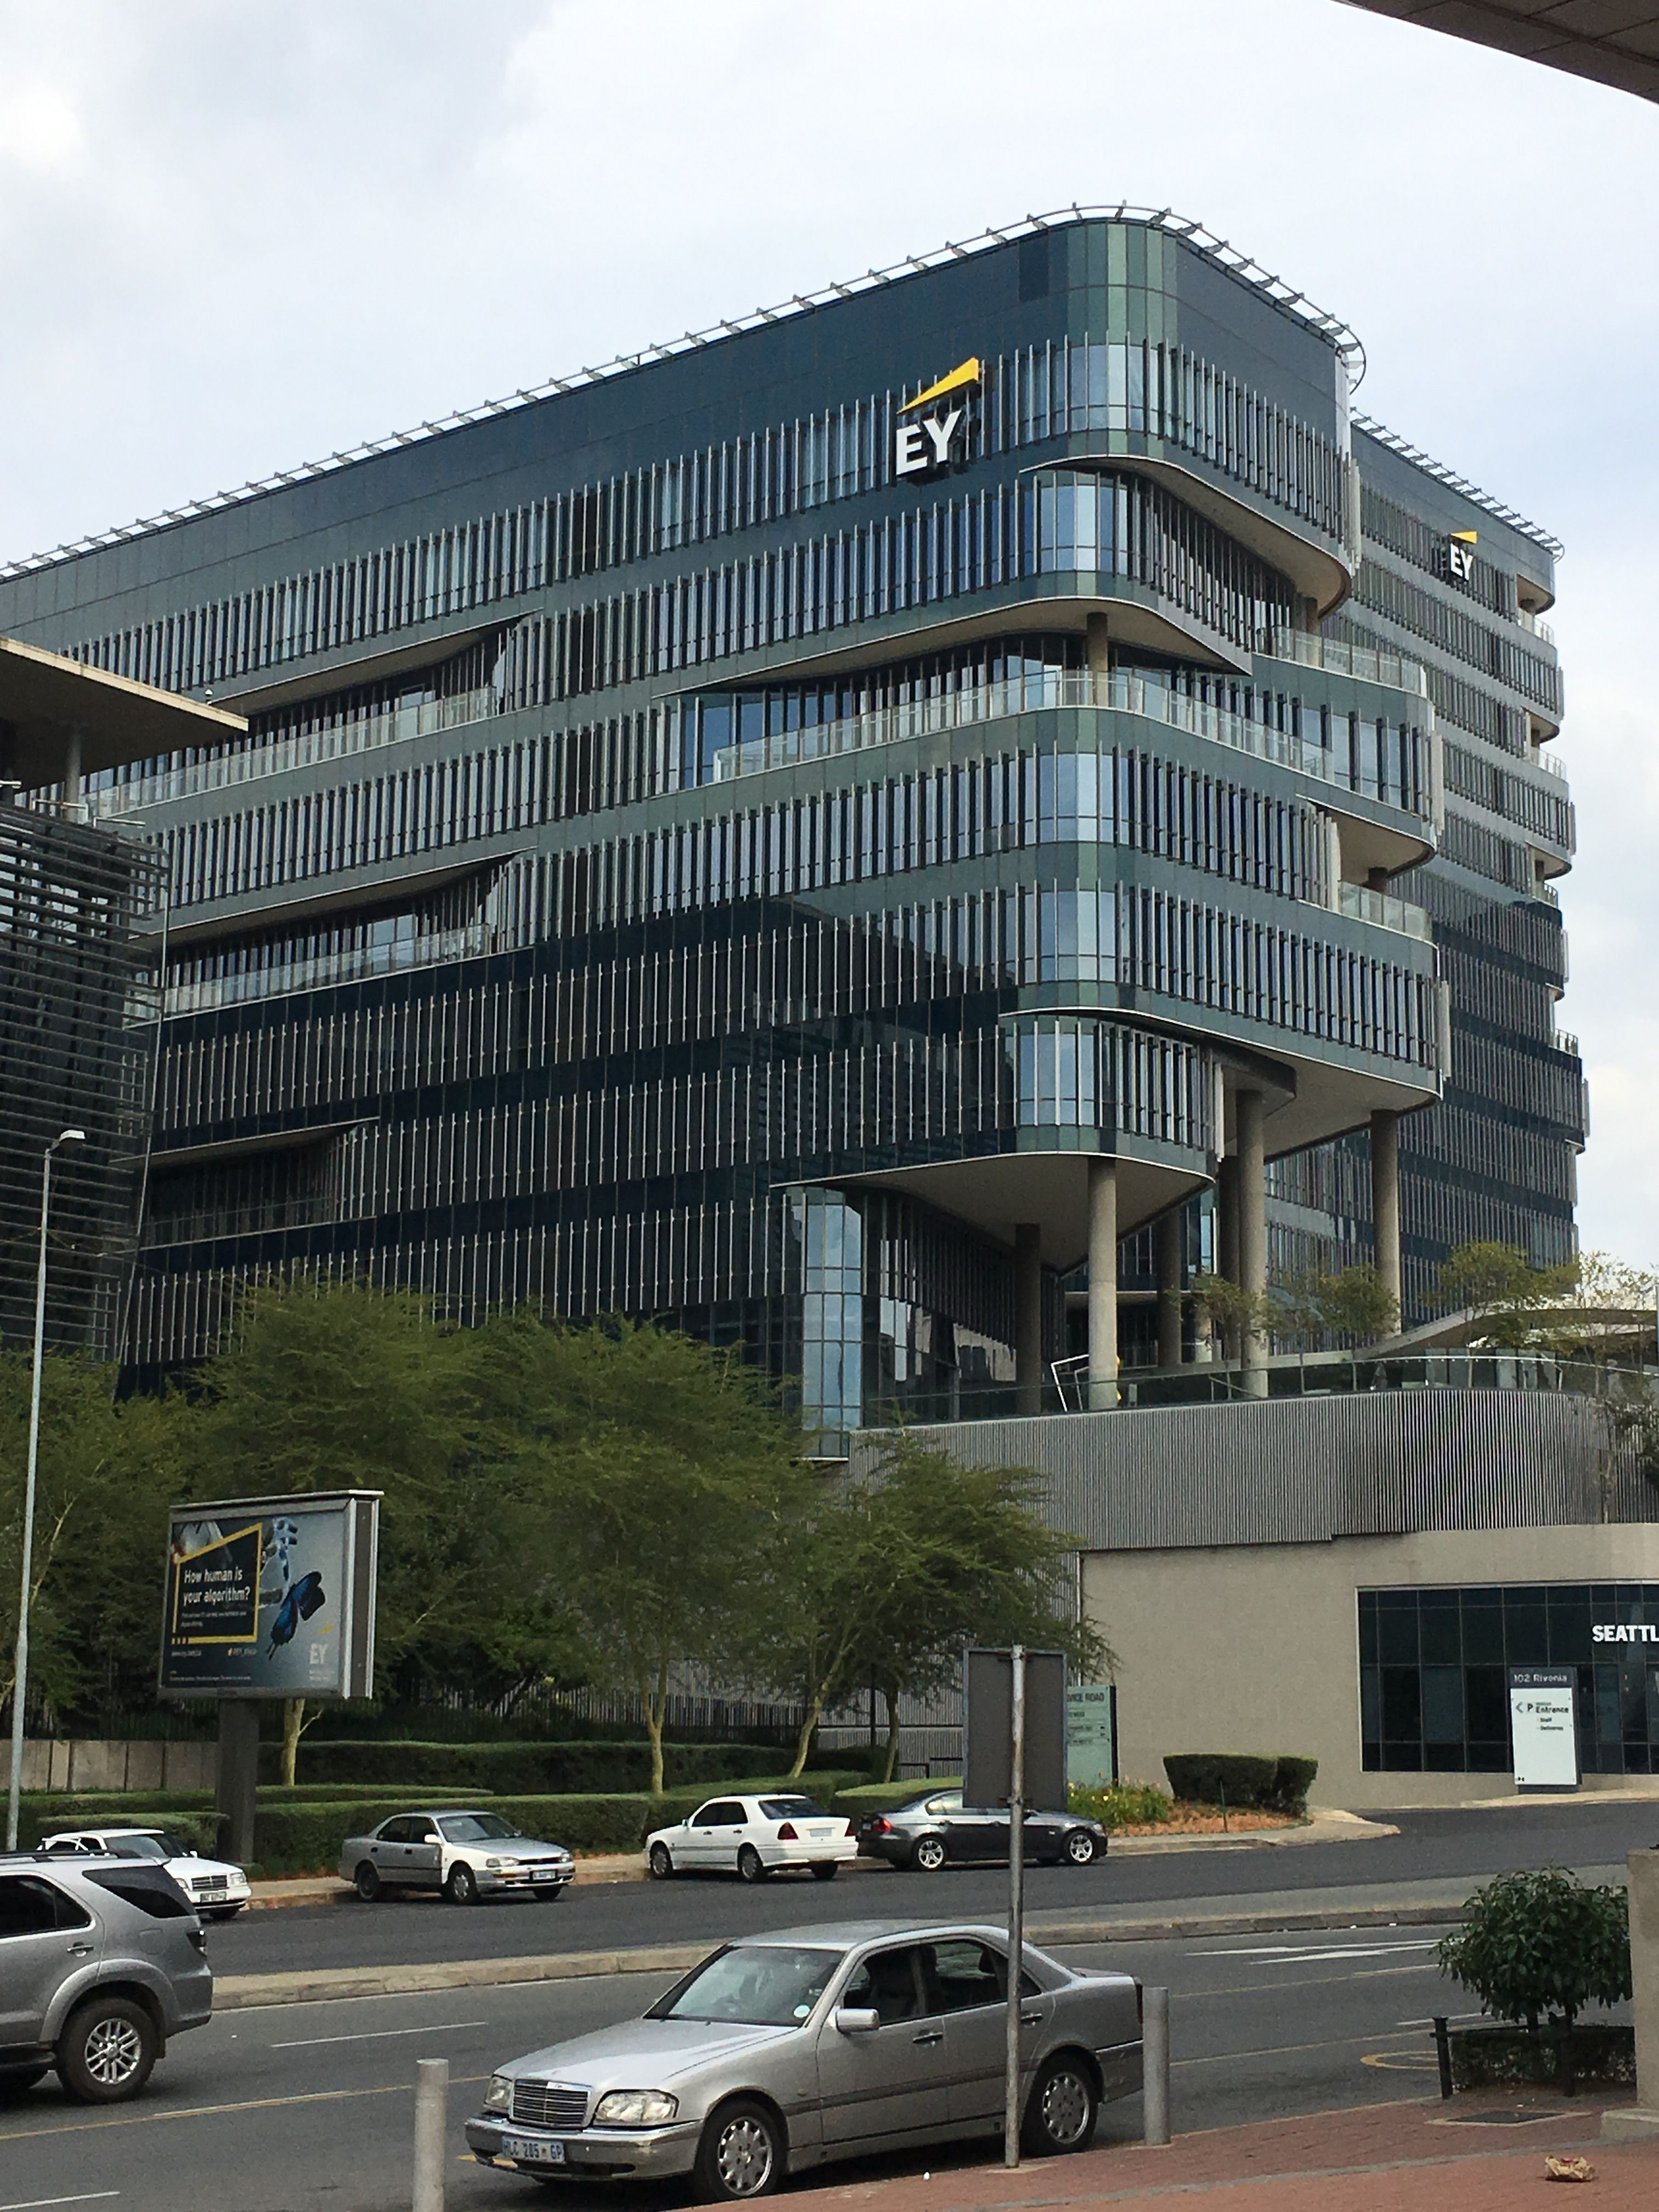 Pin by jay eff on fleetwood facade facade building